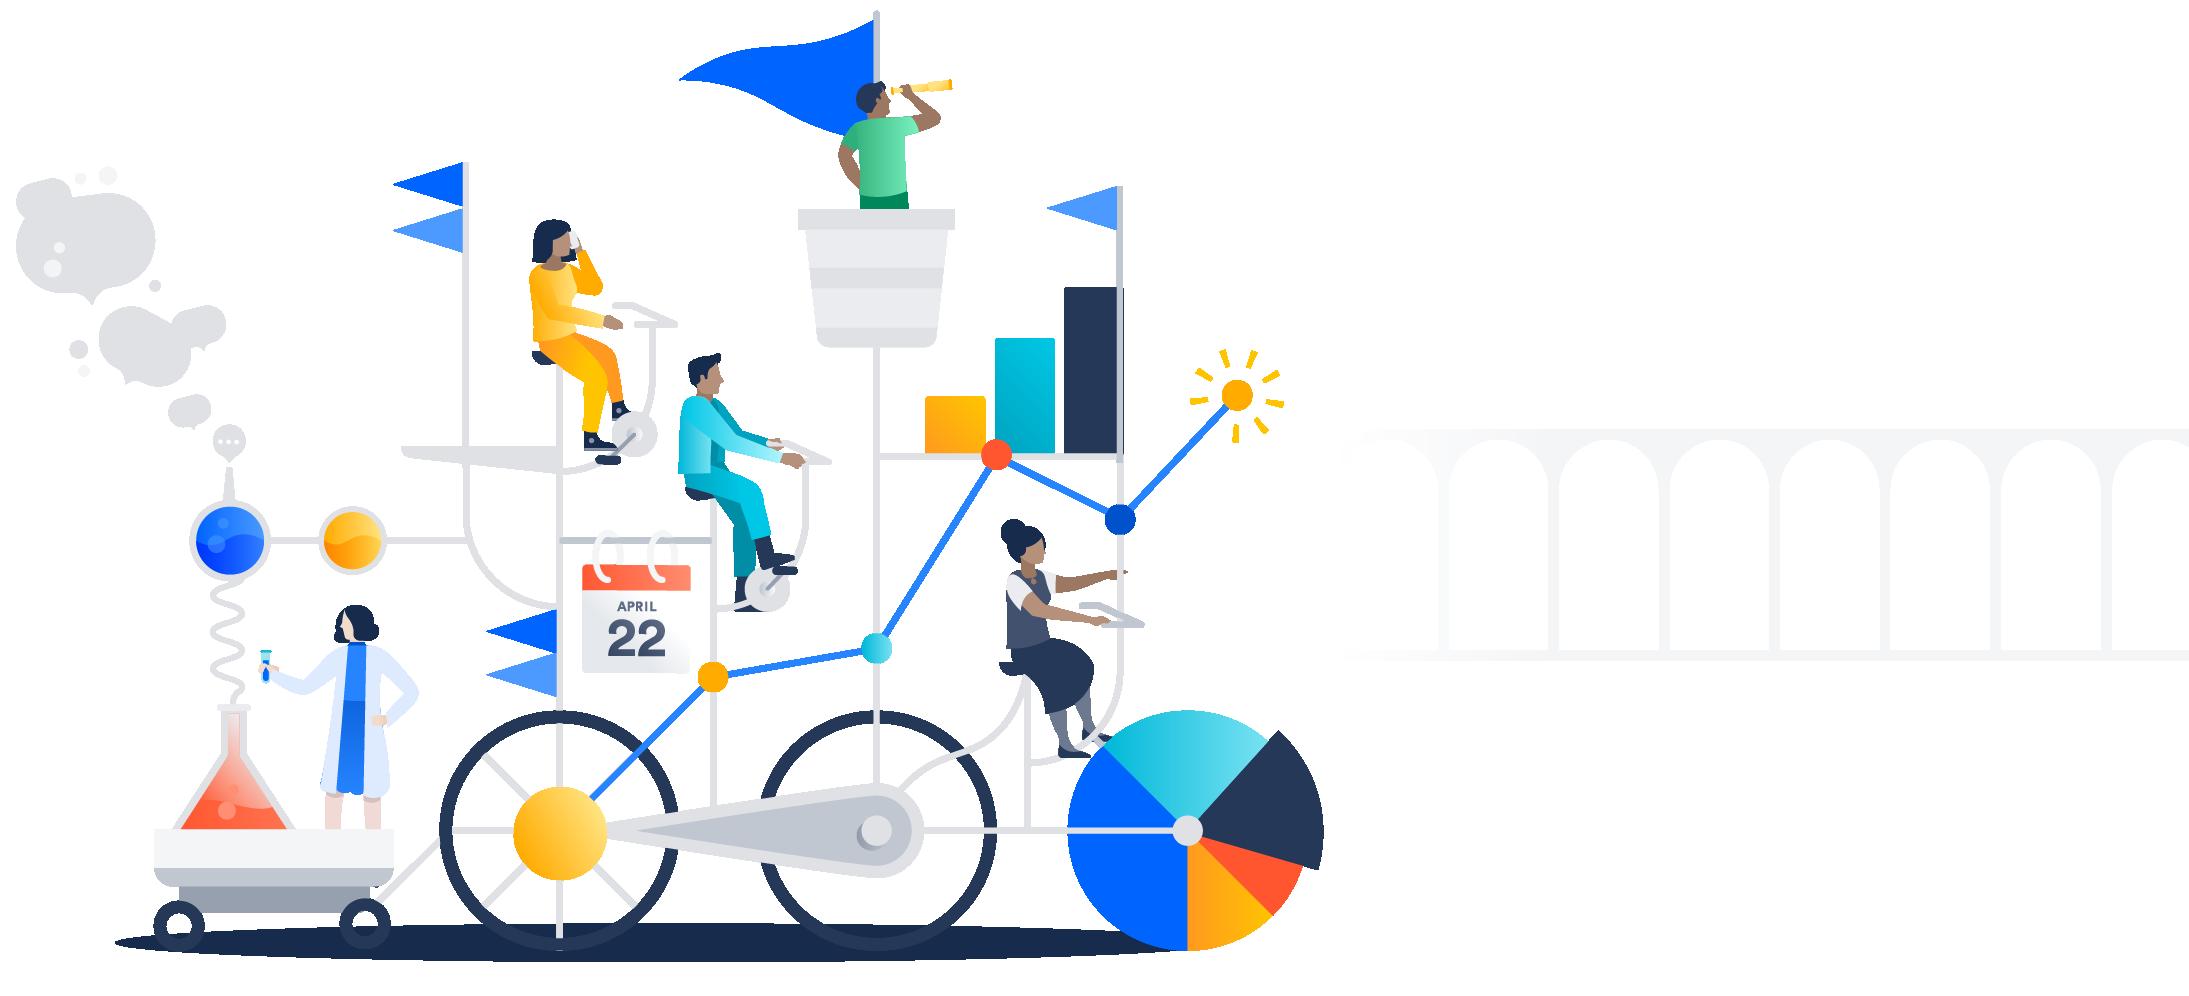 Ilustração de várias pessoas em uma bicicleta complexa